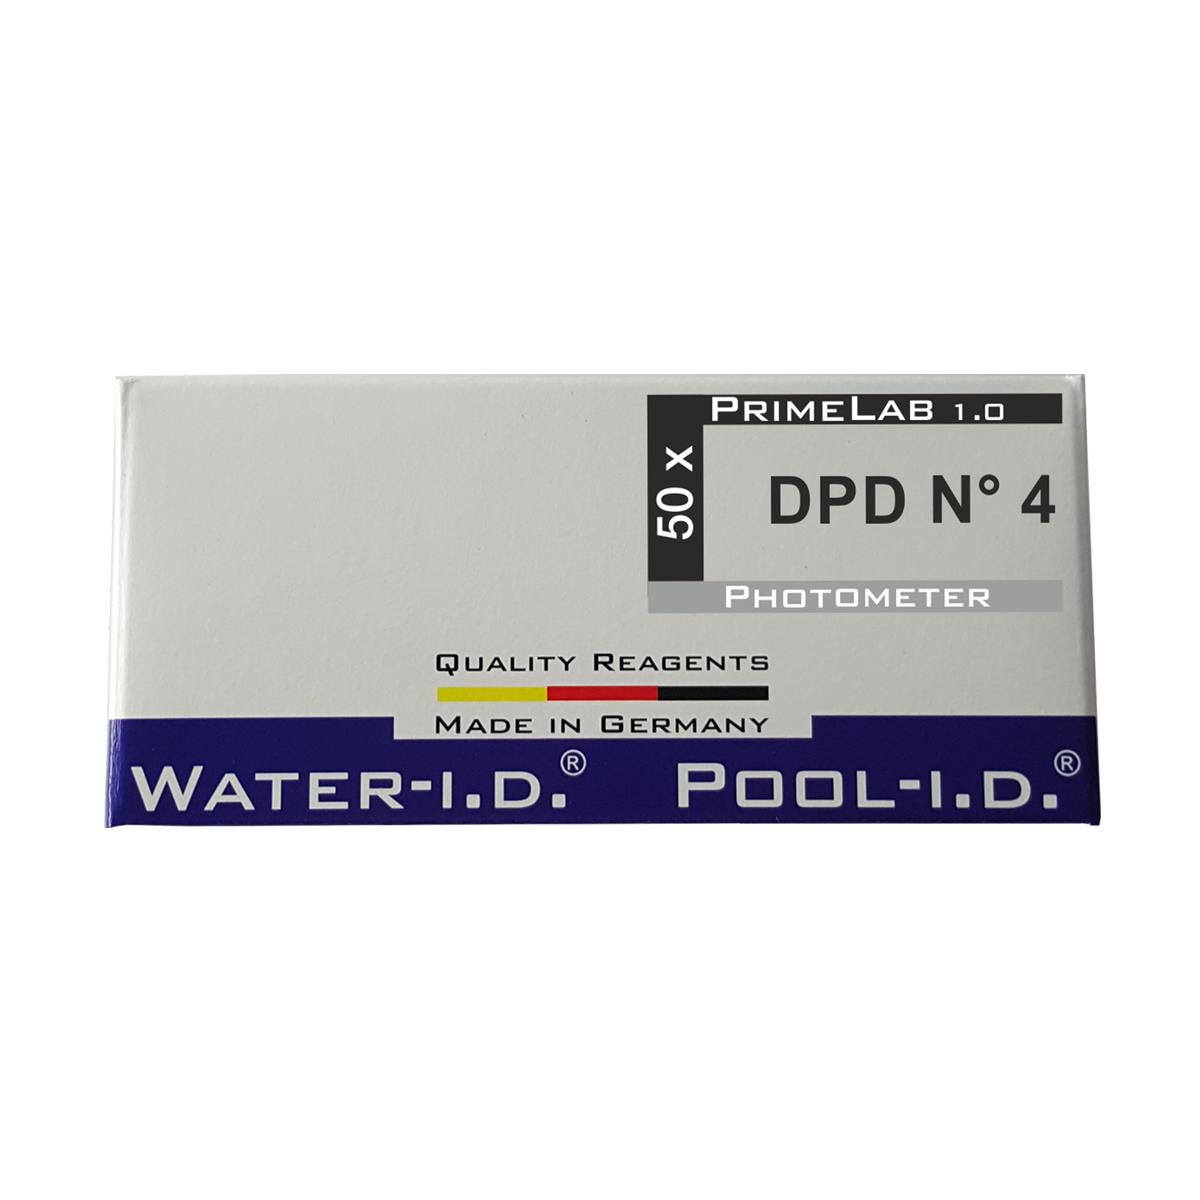 DPD 4 aktiver Sauerstoff Tabletten für Smart Pool Lab 1.0 Photometer, 1 VE = 50 Stk. DPD 4 aktiver Sauerstoff Tabletten für Smart Pool Lab 1.0 Photometer, 1 VE = 50 Stk.